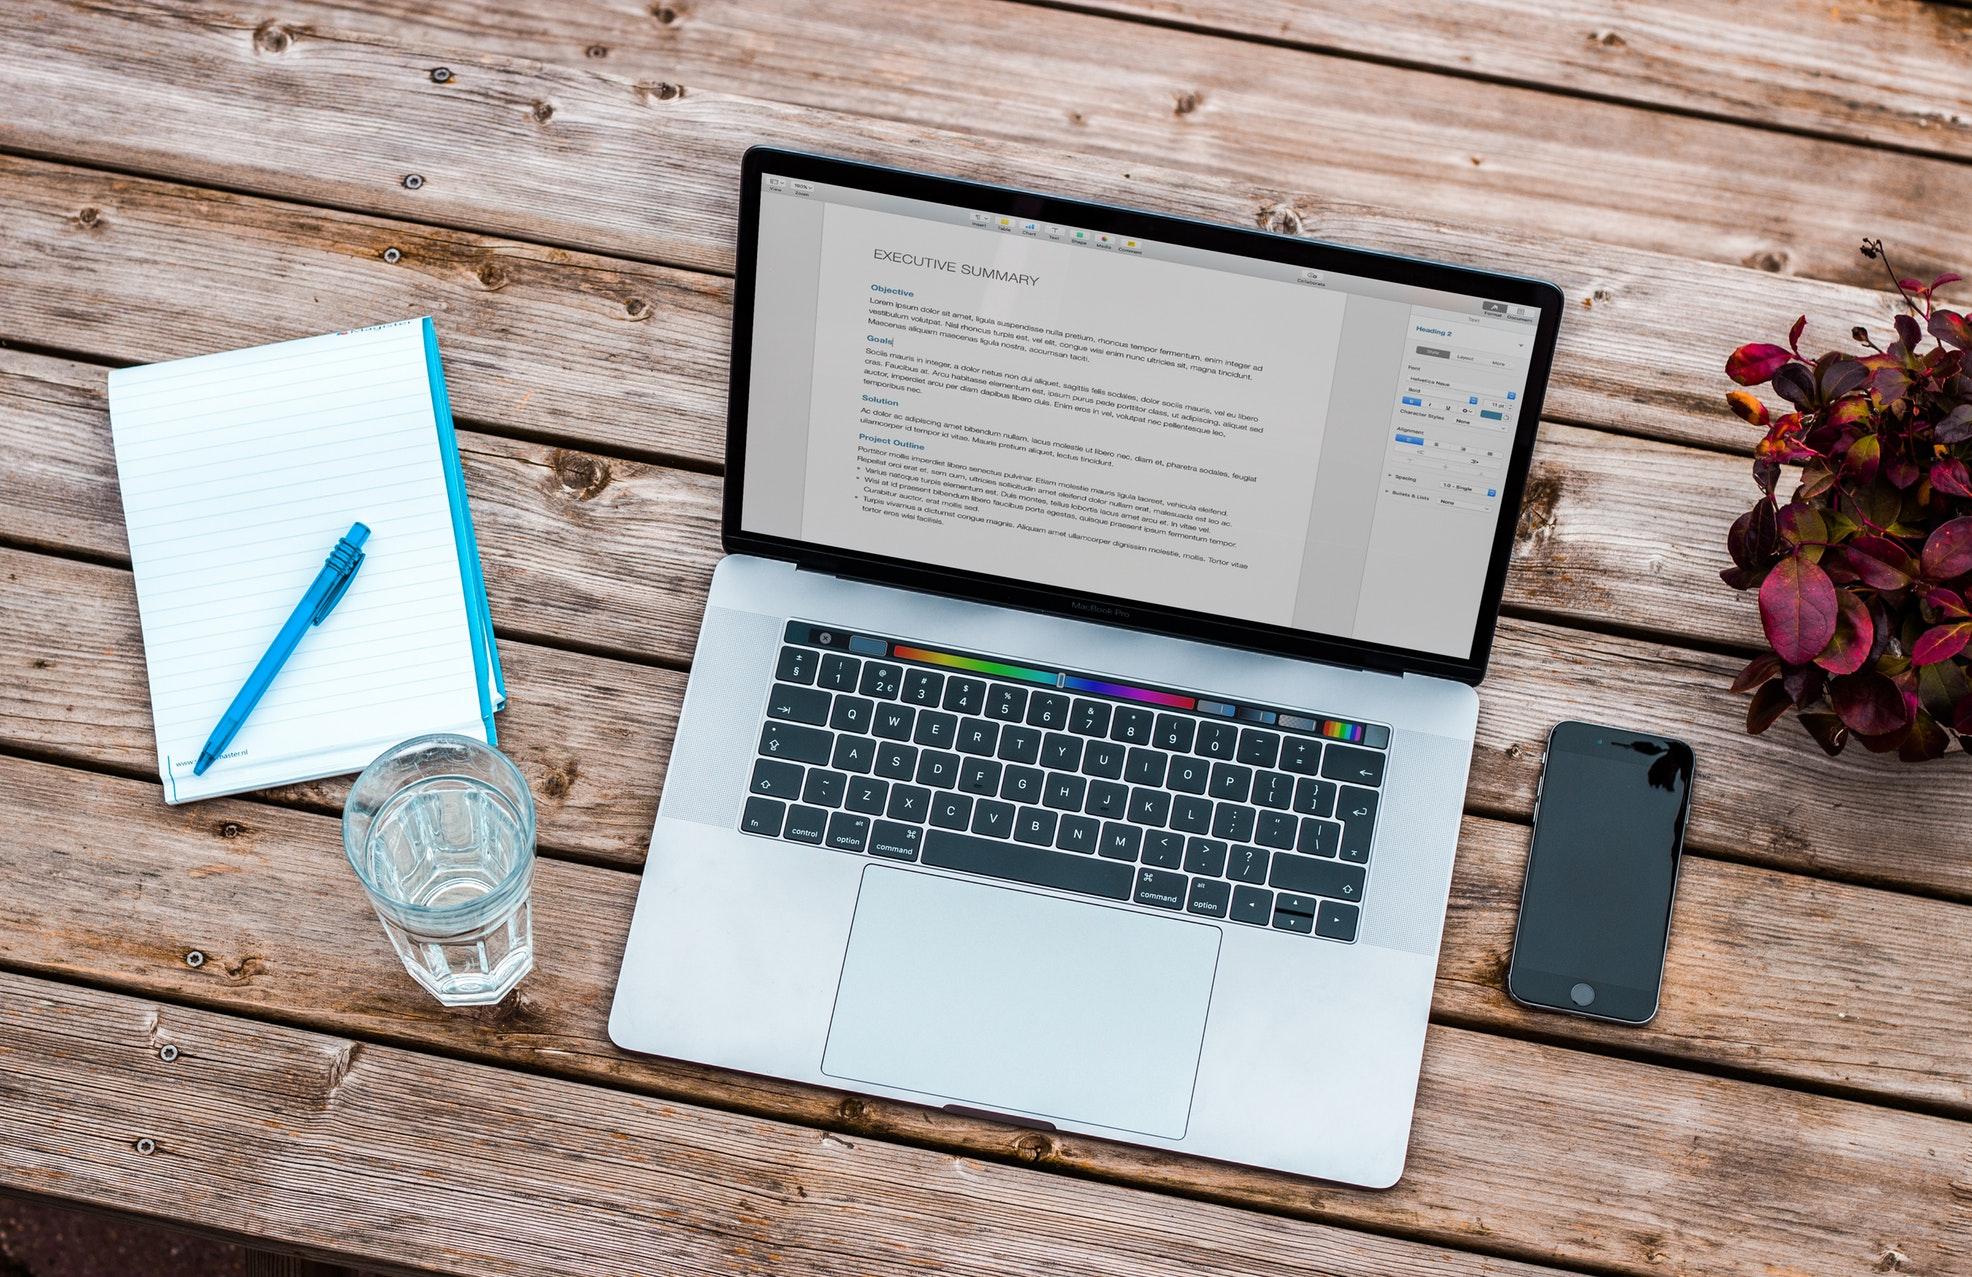 Lenteschoonmaak digitaal laptop